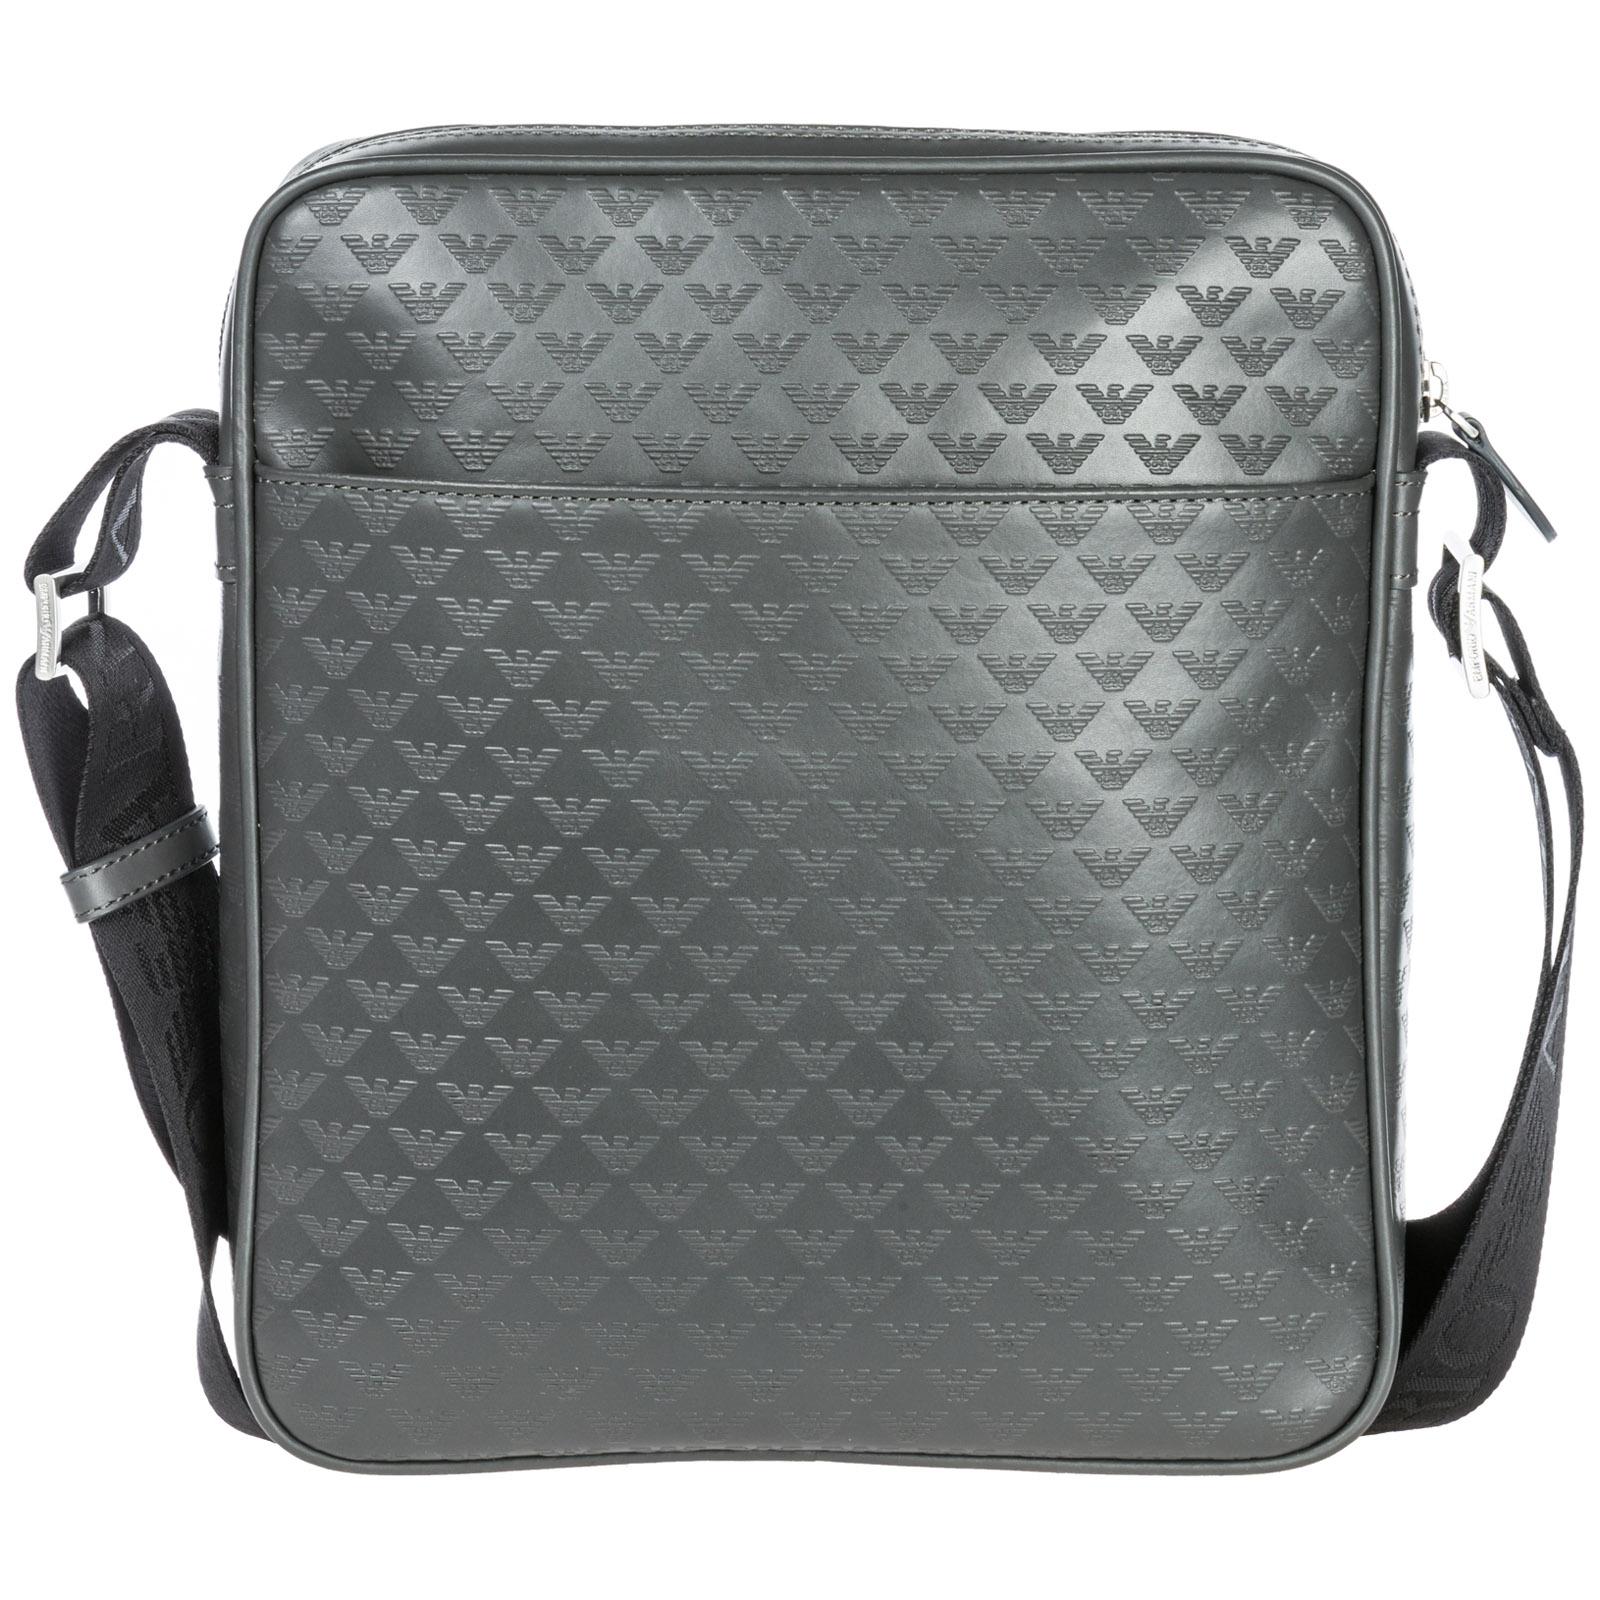 Men's leather cross-body messenger shoulder bag